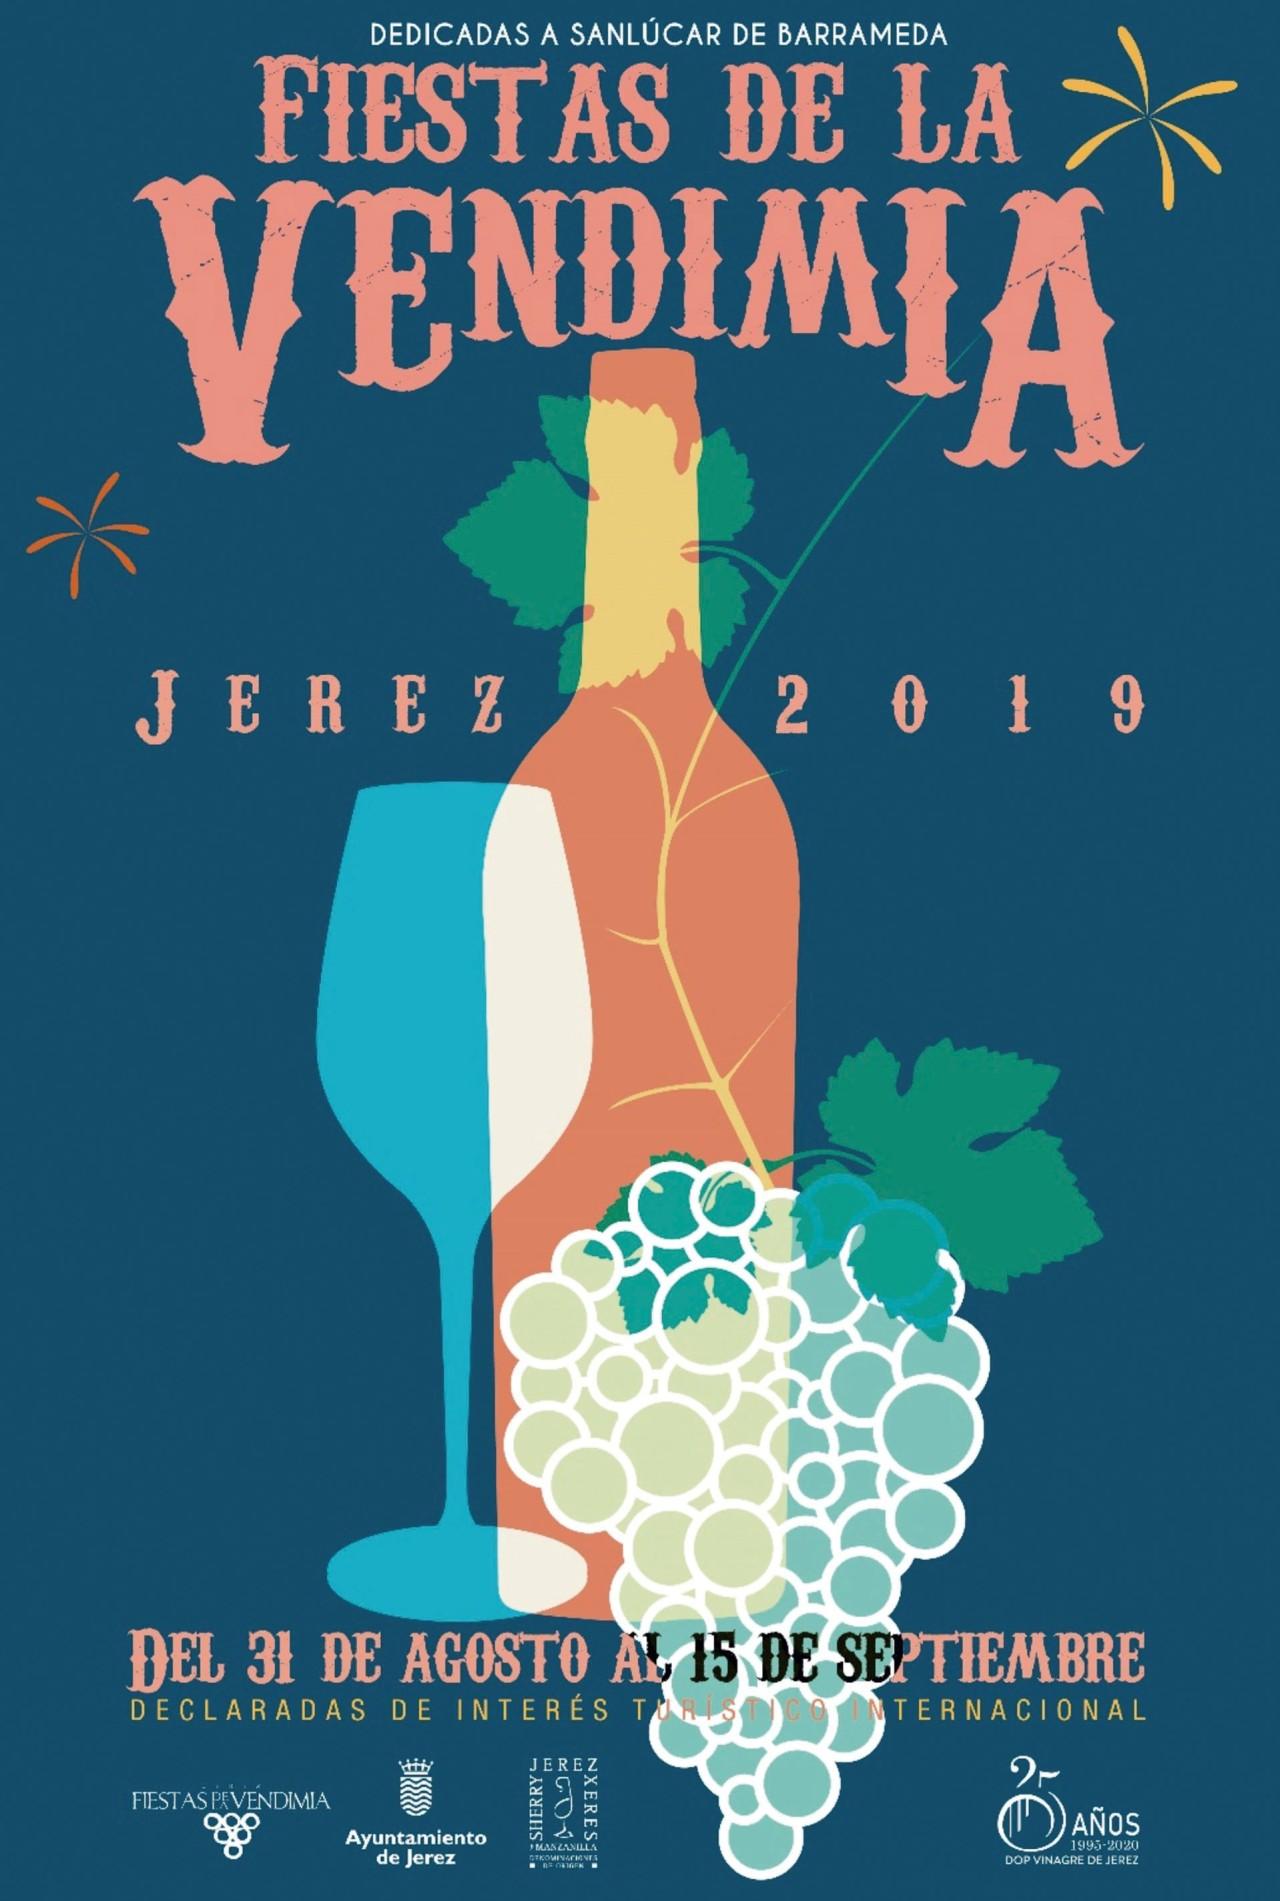 Fantástico programa de las Fiestas de la Vendimia de Jerez 2019(Spanish)